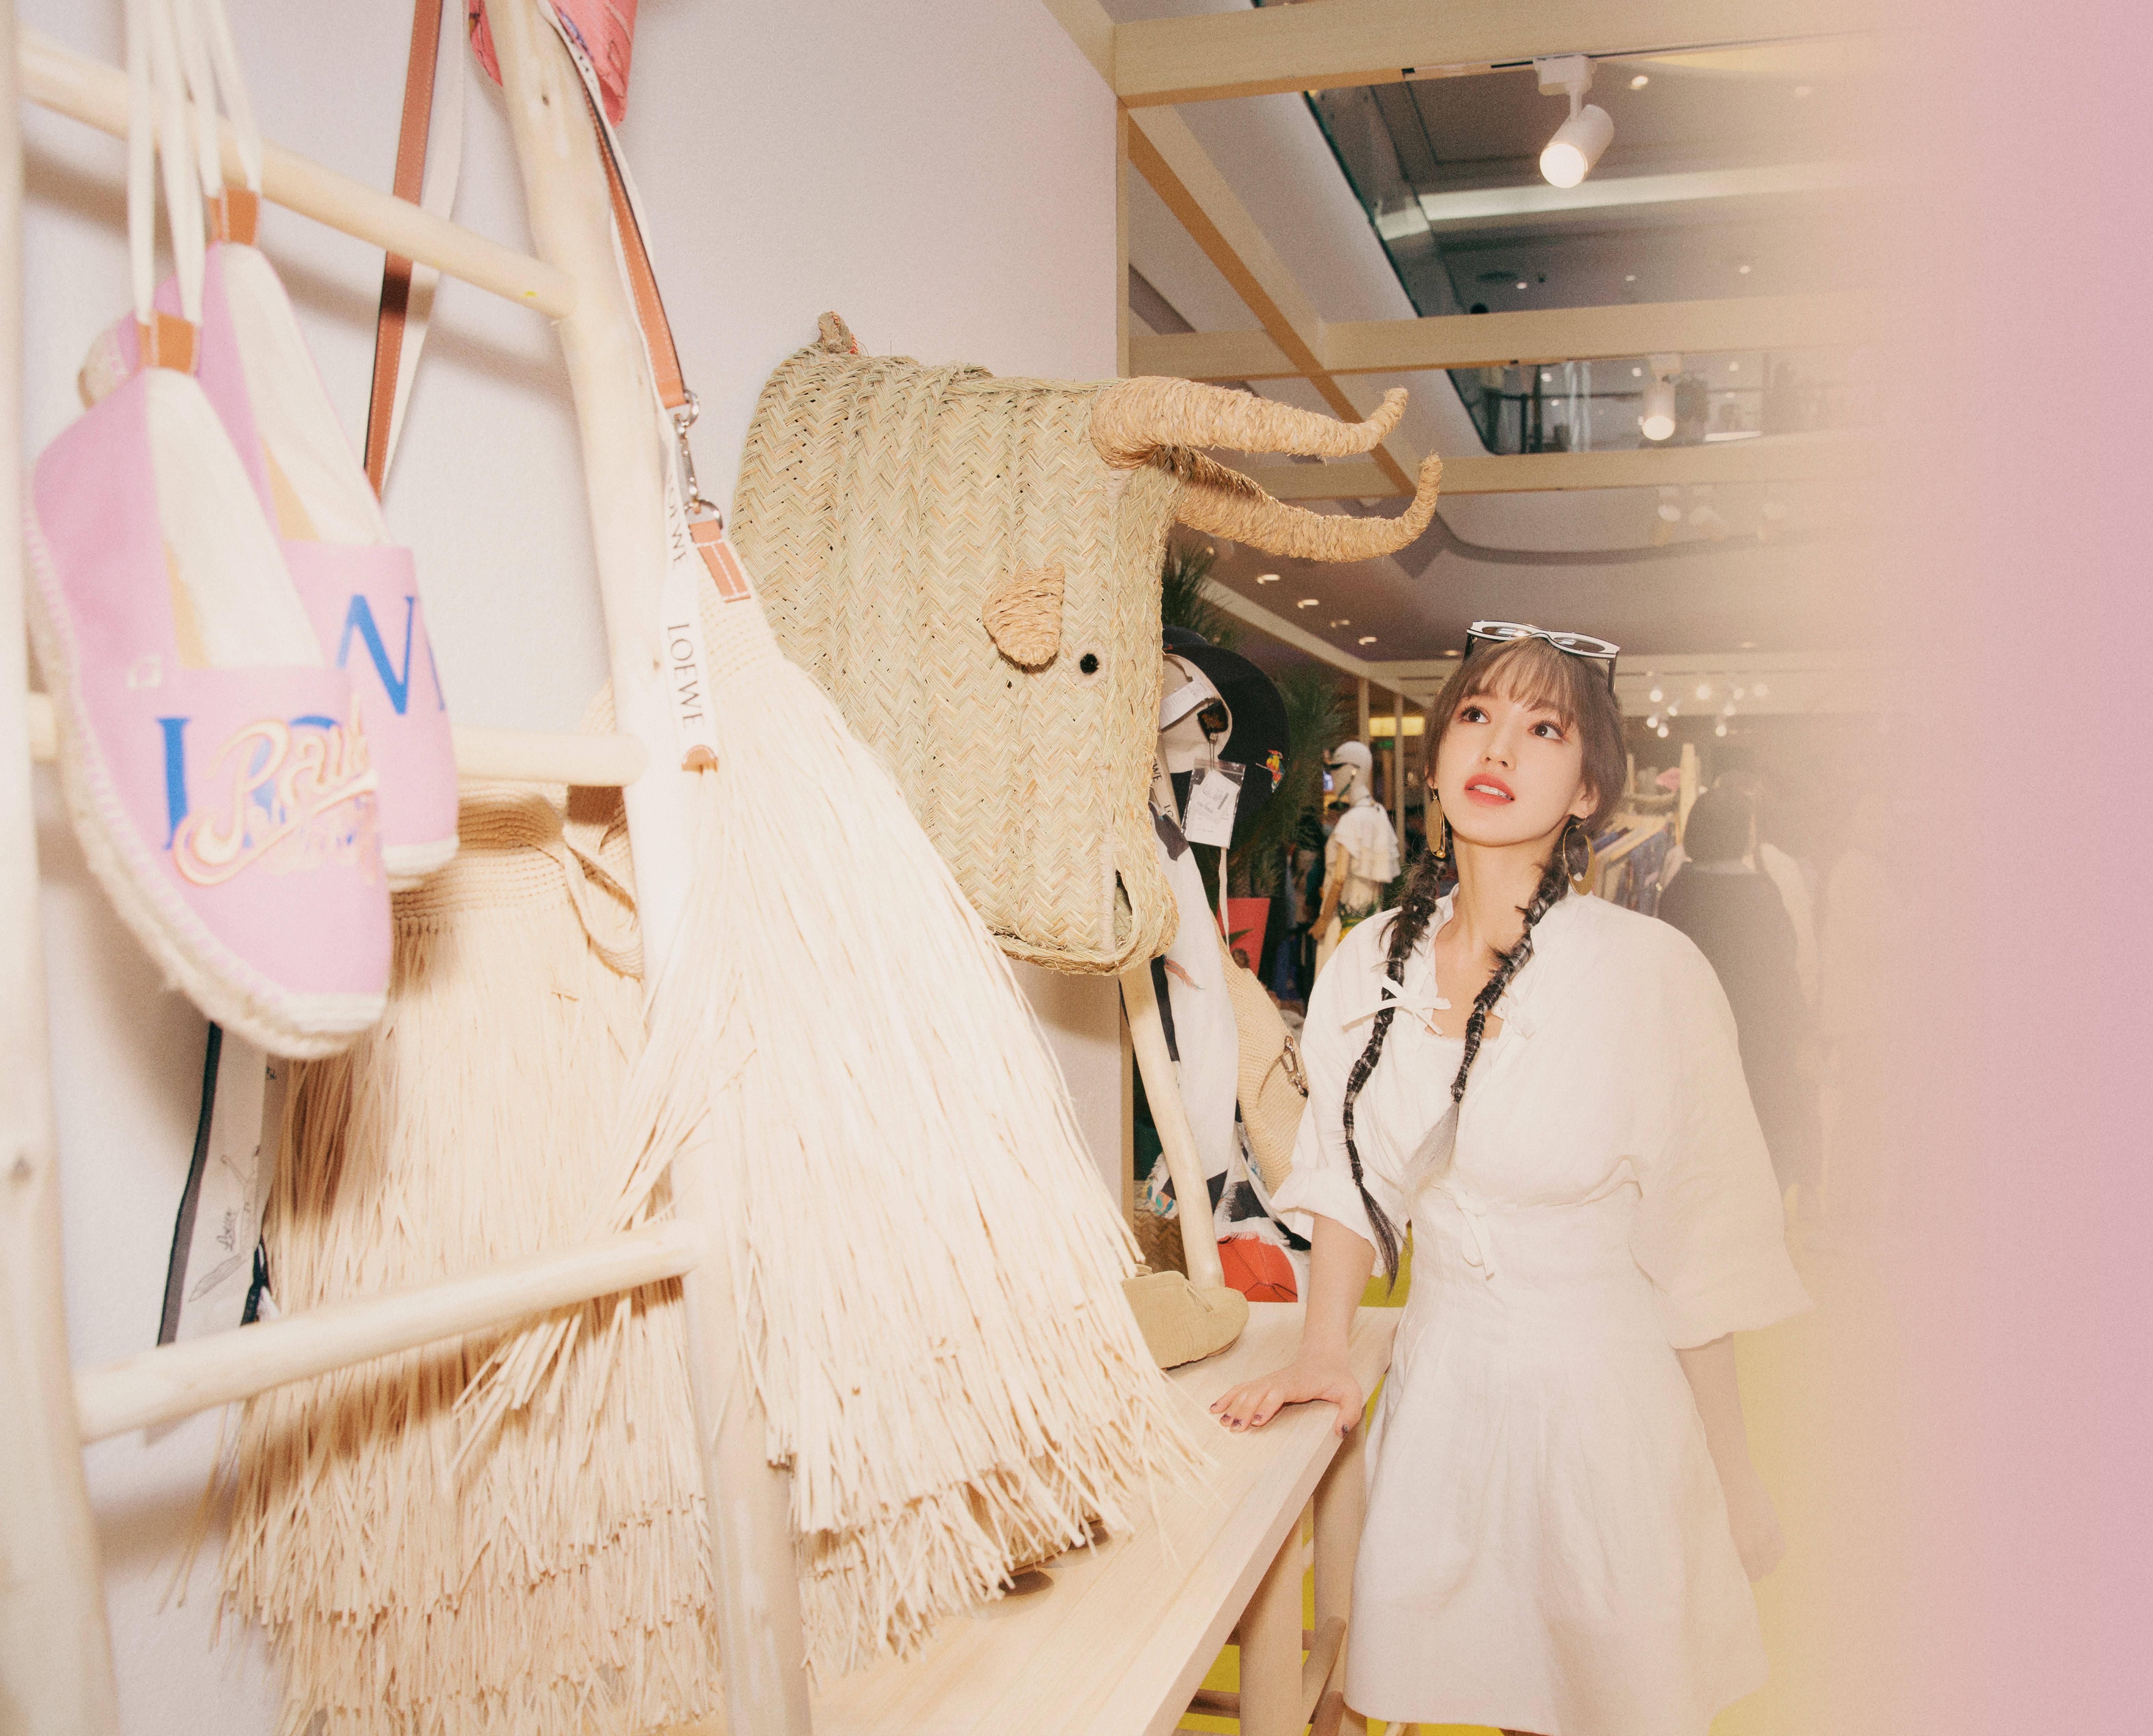 【程瀟身著白色連衣裙】也太可了吧,卡斯柏居然想做搜狐時尚主持人